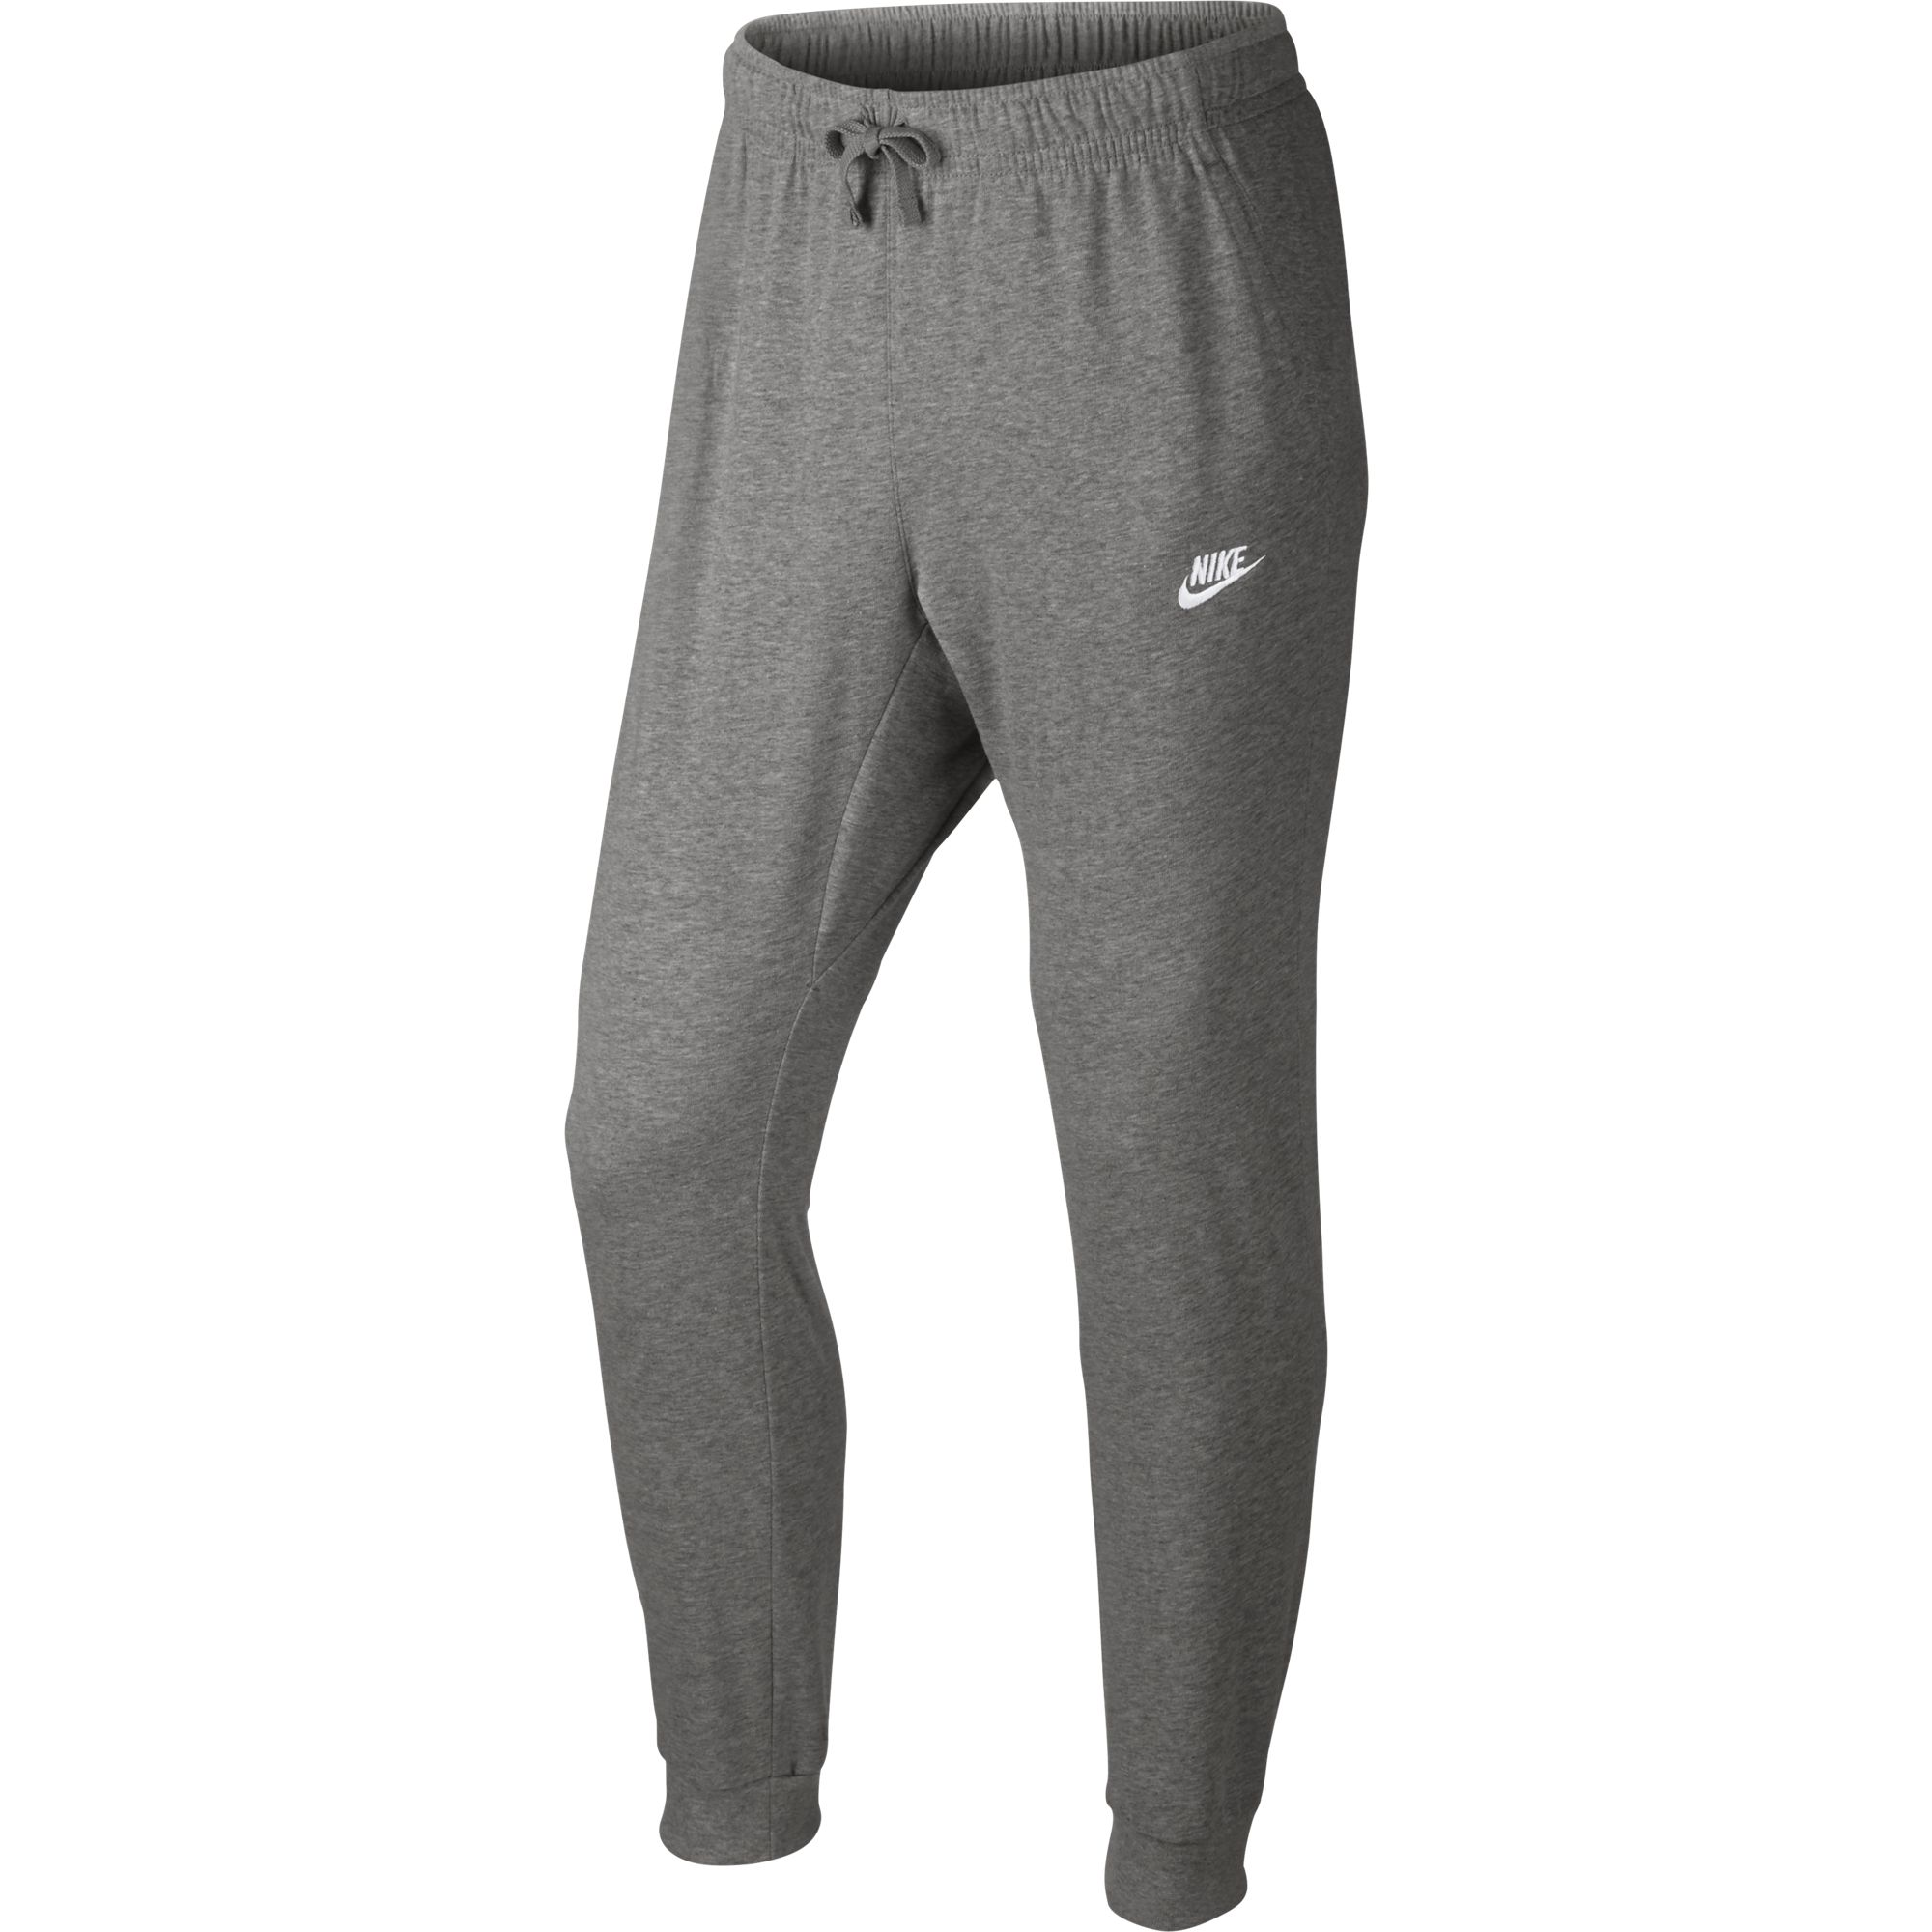 Détails sur Men's Nike Sportswear Pantalon De Survêtement Gris Foncé HeatherWhite afficher le titre d'origine